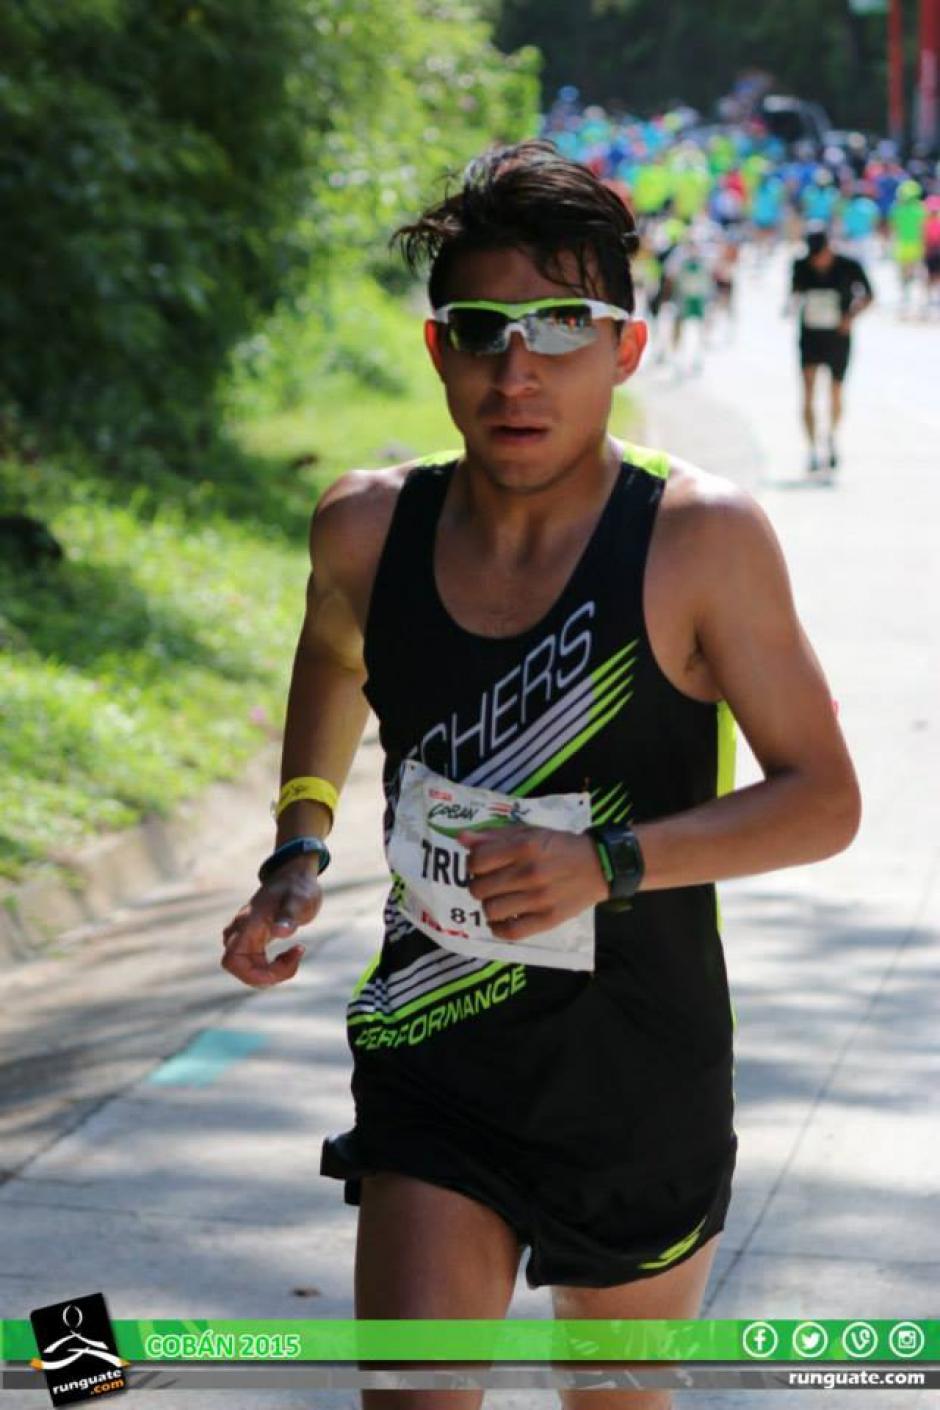 Trujillo consiguió la marca de acceso a Río 2016 este domingo en la Maratón de Eugene, en Oregon, Estados Unidos. (Foto: Facebook Carlos Trujillo)